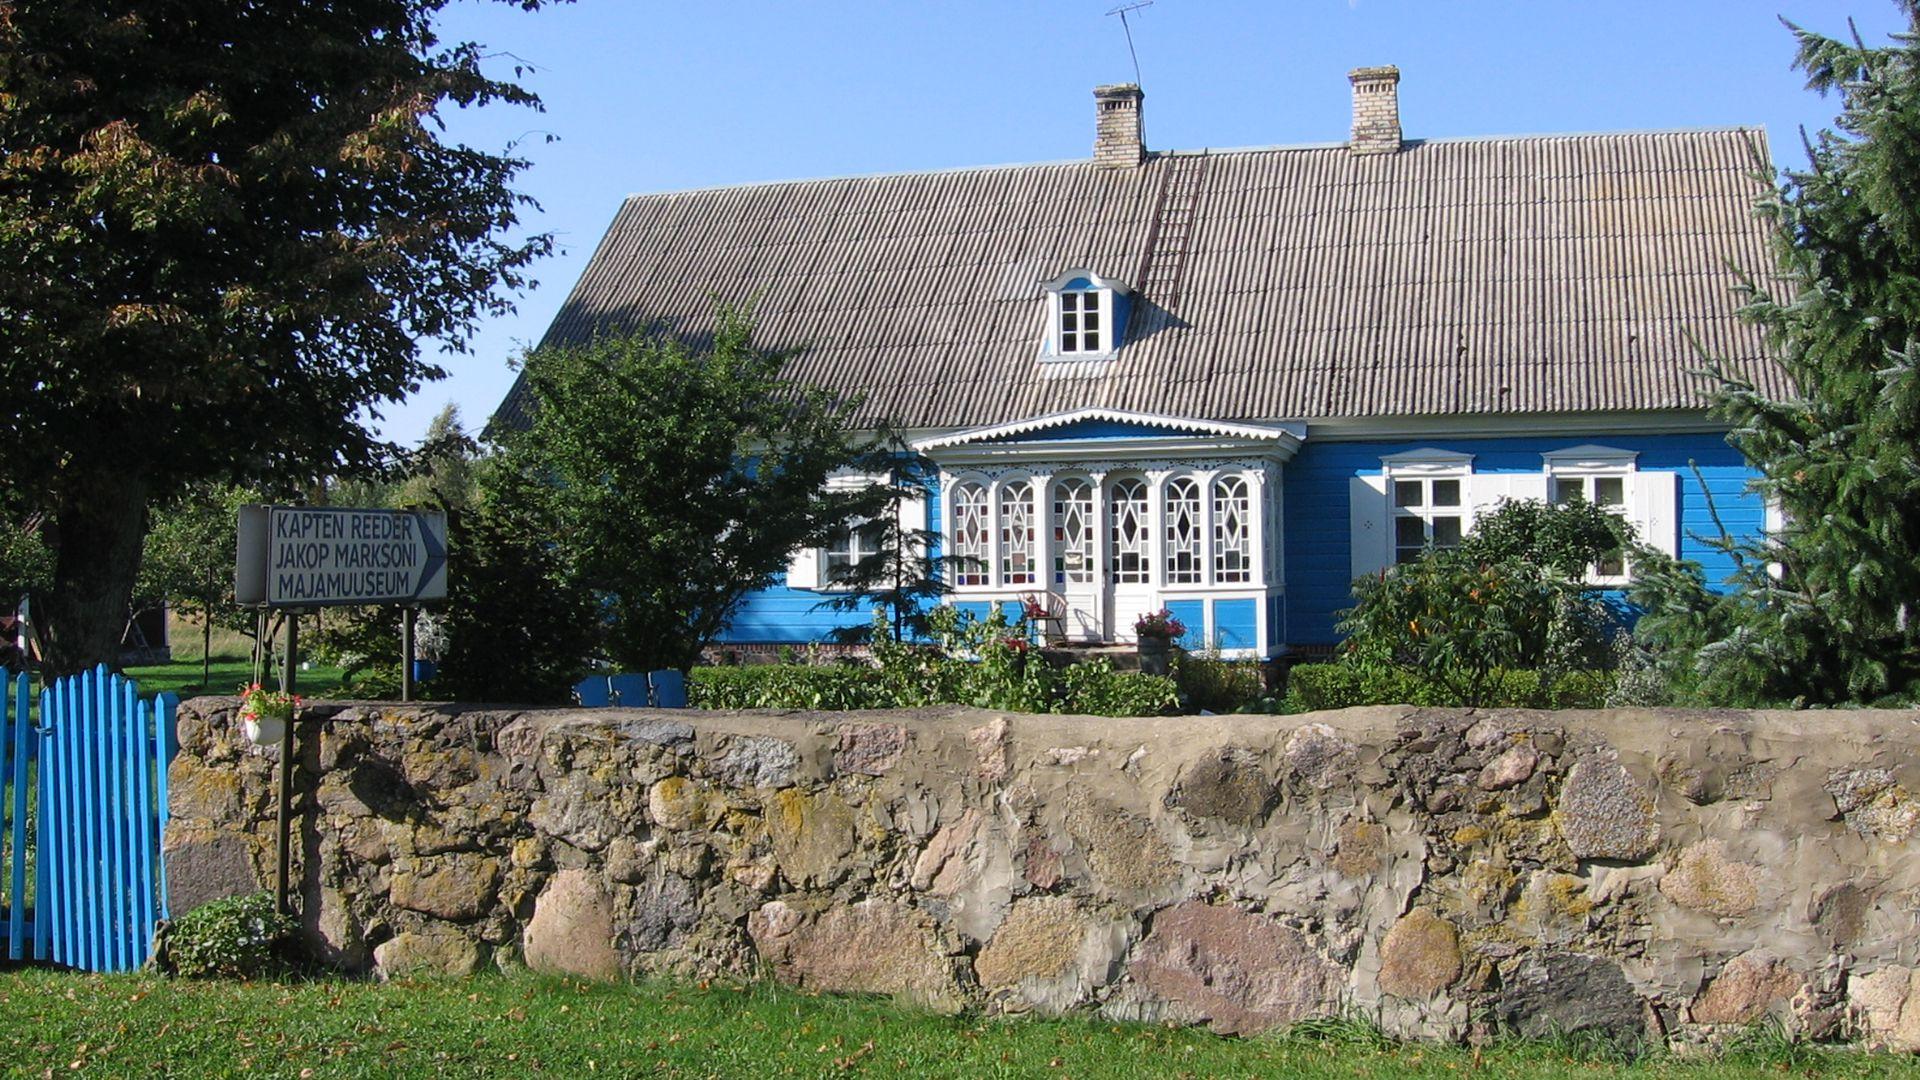 17 väärikat maja saab riigi toel korras katuse